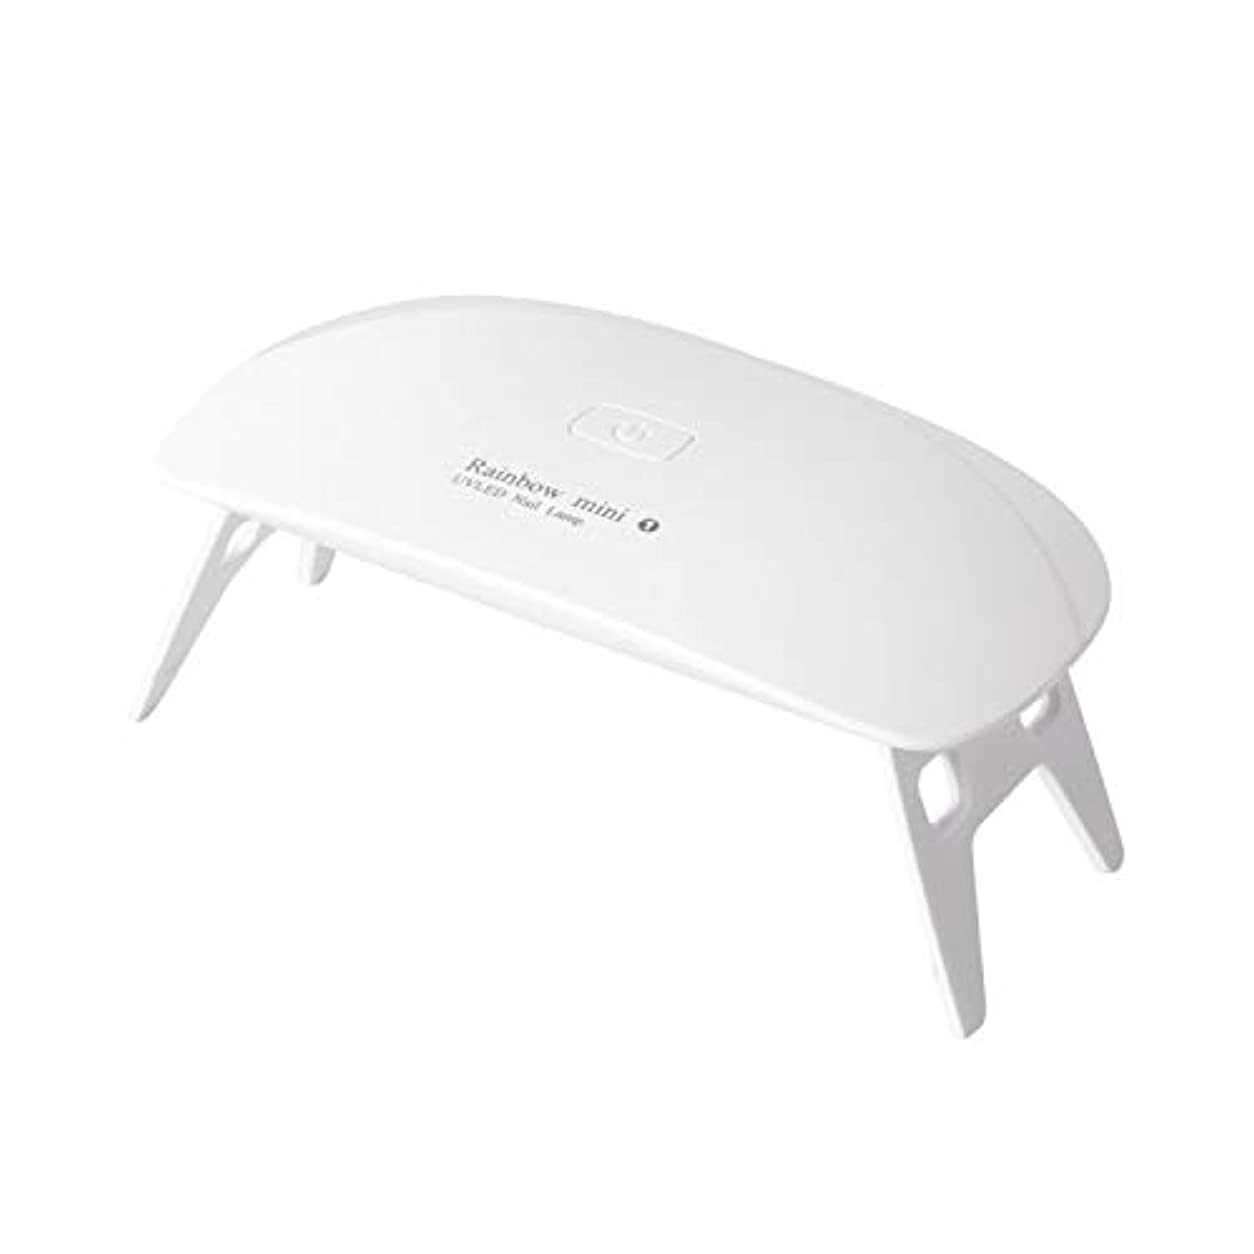 動機ブッシュ赤外線LEDネイルドライヤーAmoVee UVライト 硬化ライト タイマー設定可能 UV と LEDダブルライト 折りたたみ式 ジェルネイル用 携帯用 ホワイト